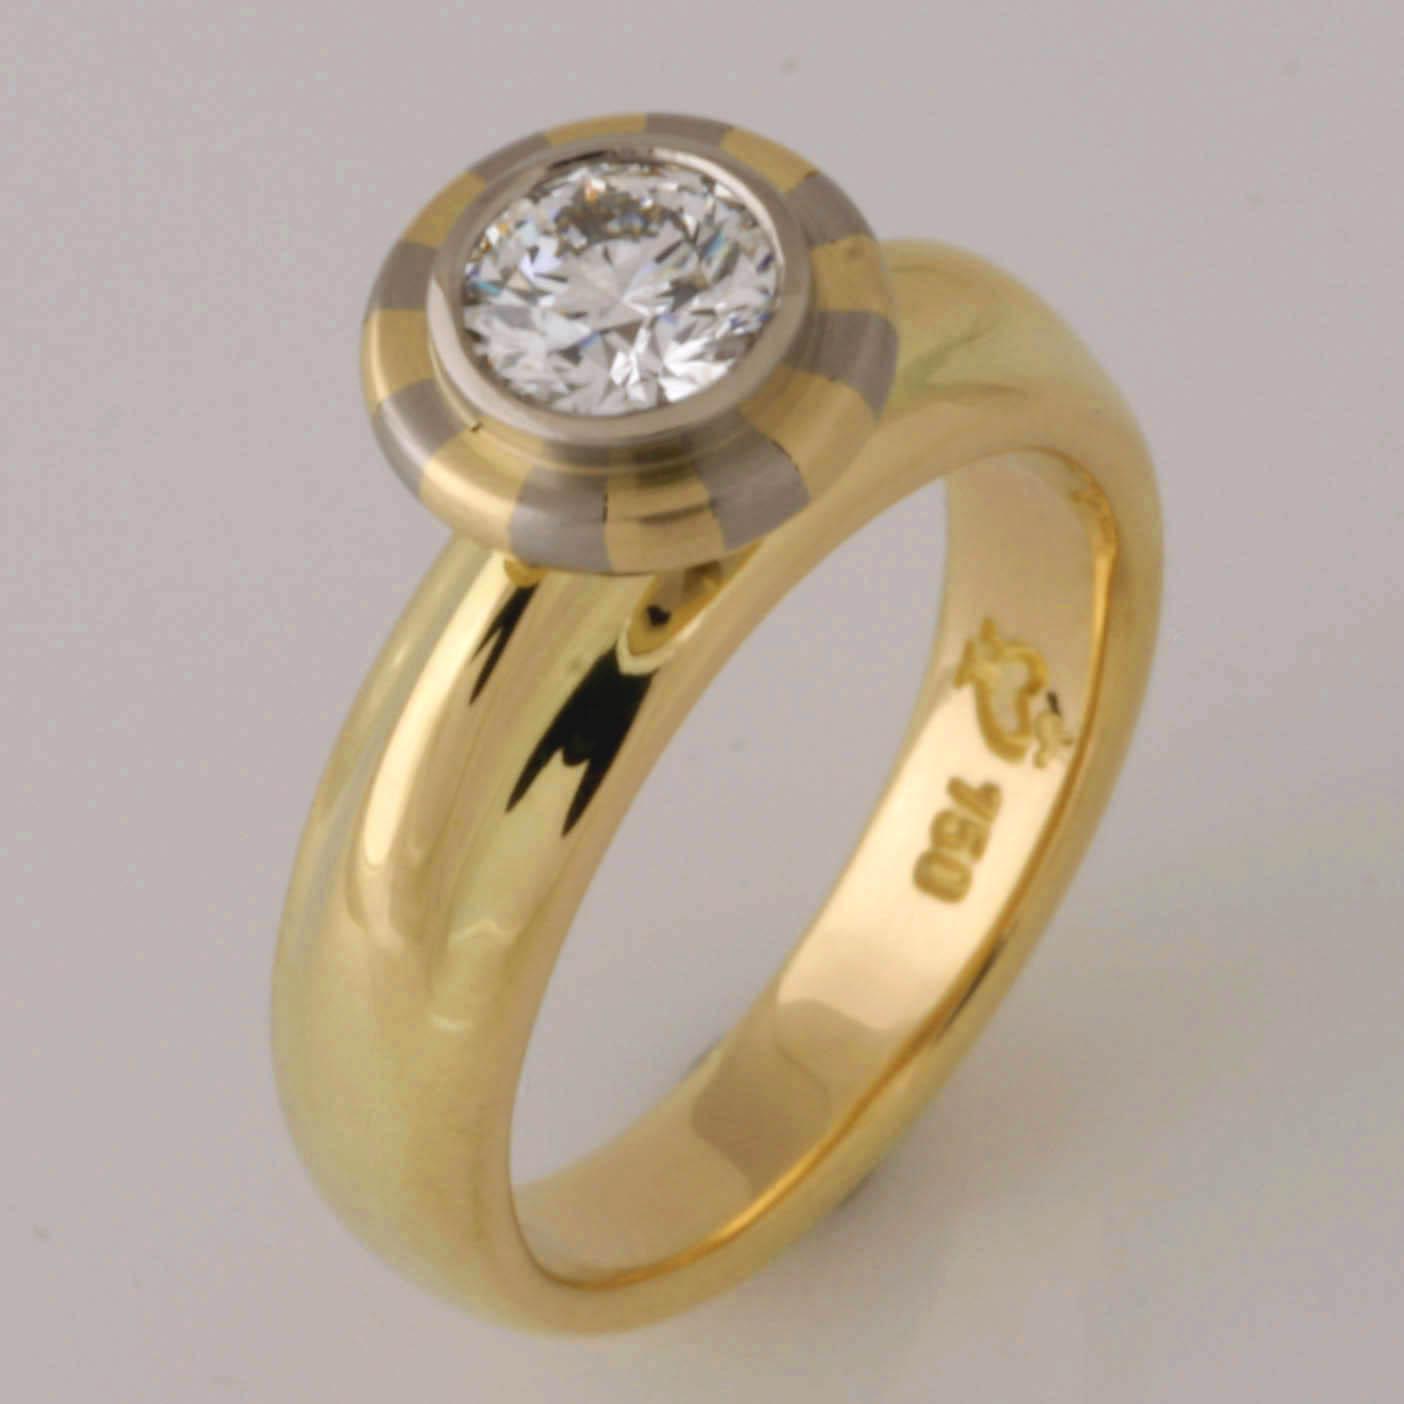 Handmade ladies 18ct yellow and white gold 'Asteios' diamond engagement ring